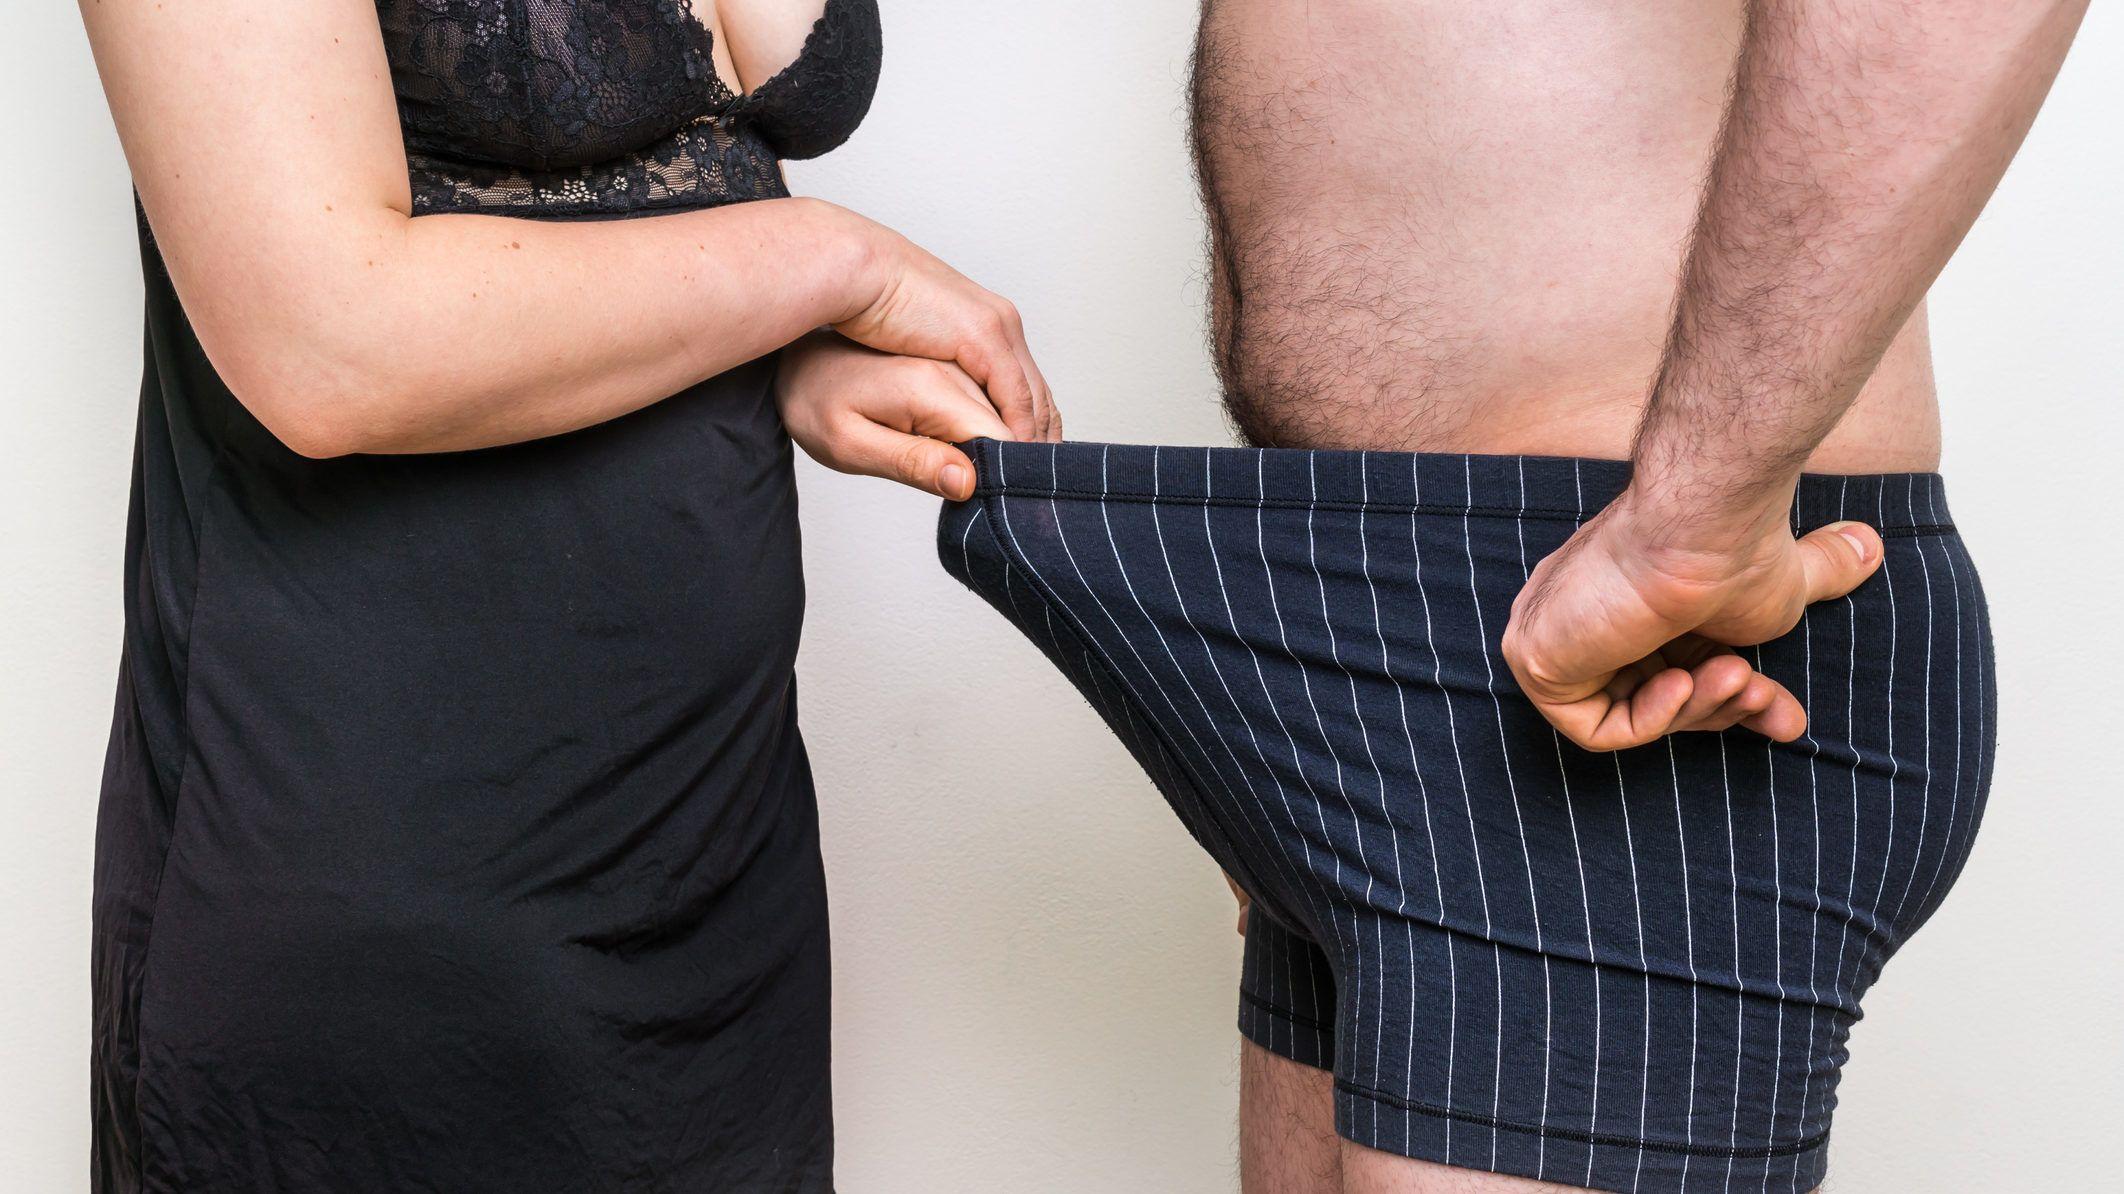 A 10 legszörnyűbb dolog, ami a péniszeddel történhet - Egészségtüköpestihirdeto.hu